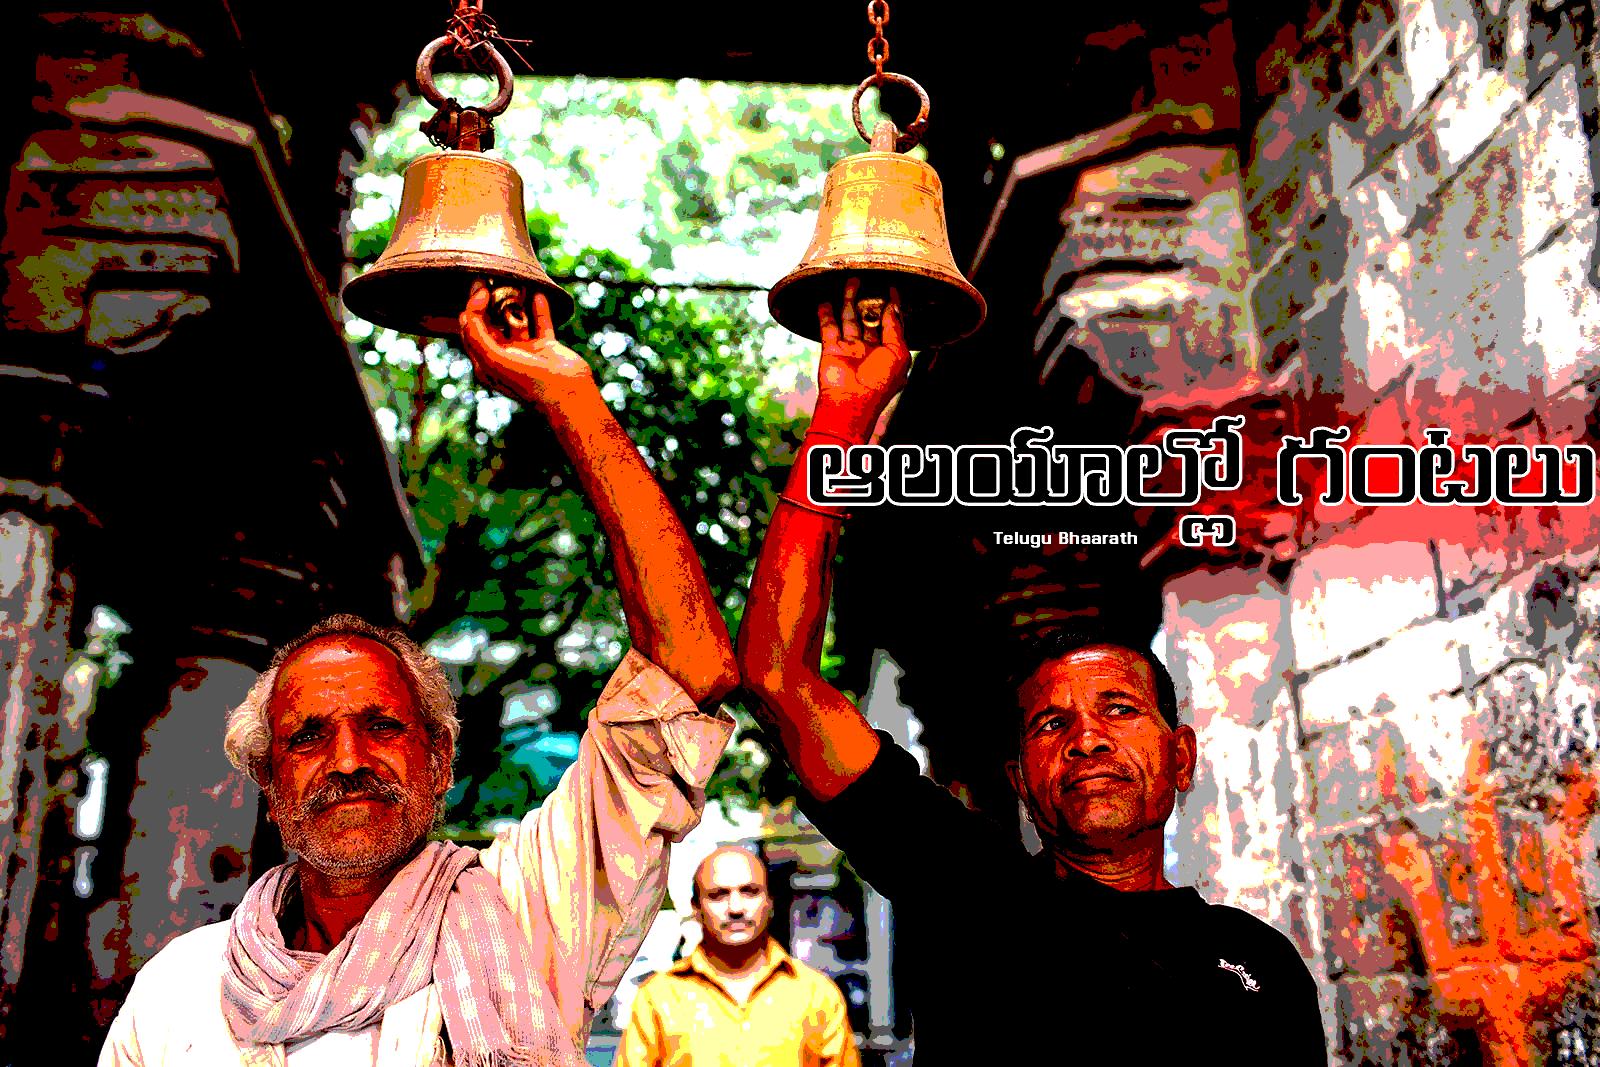 టెంపుల్ బేల్ల్స్ ఆలయం లో గంటలు - temple bells